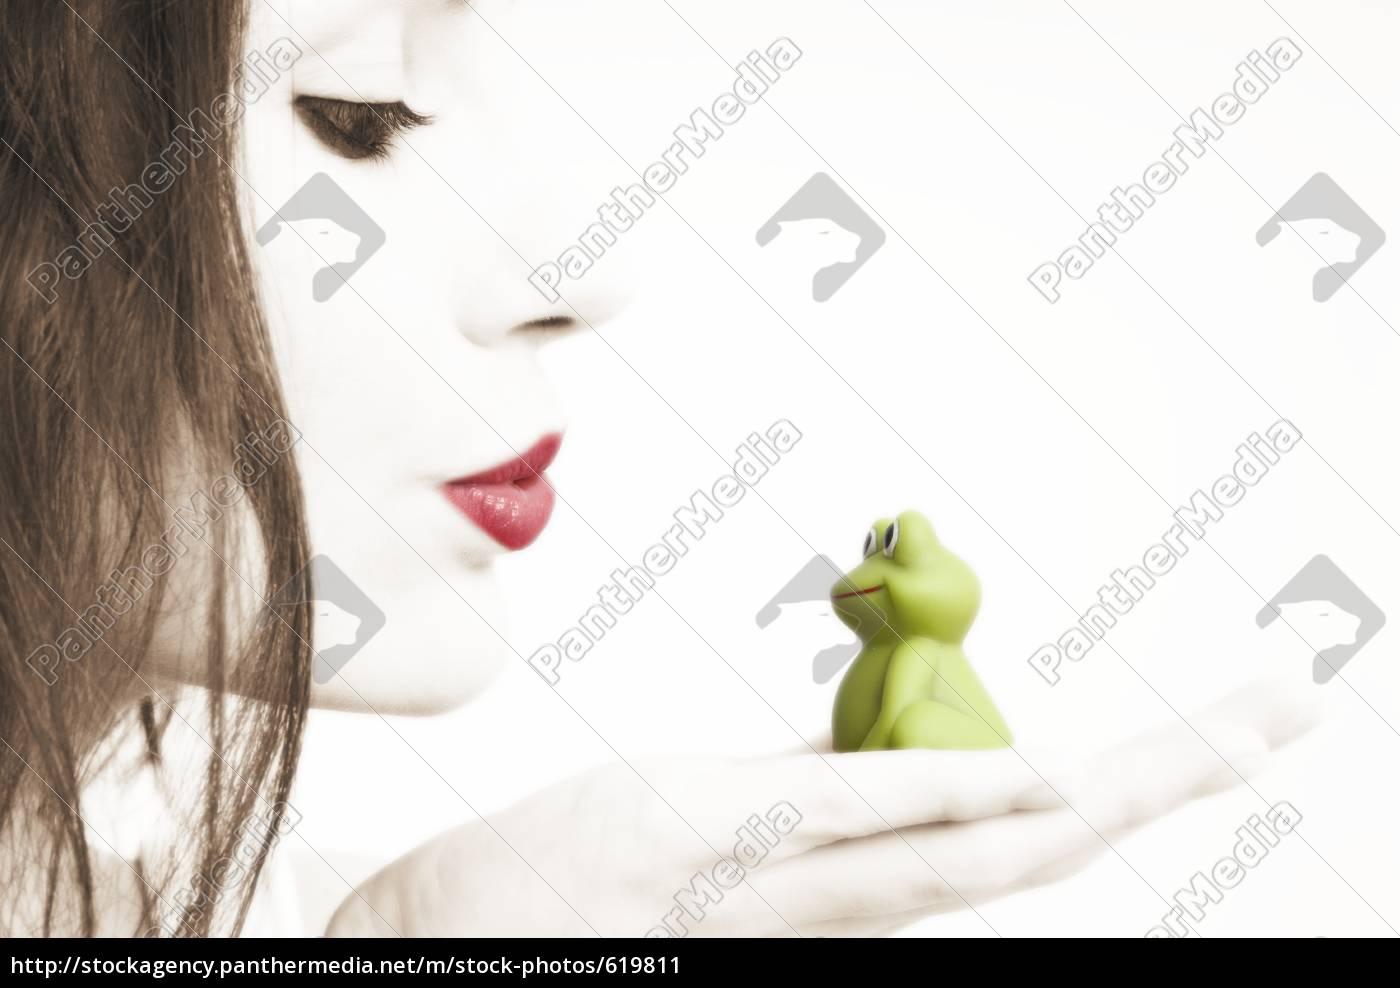 frog, king - 619811